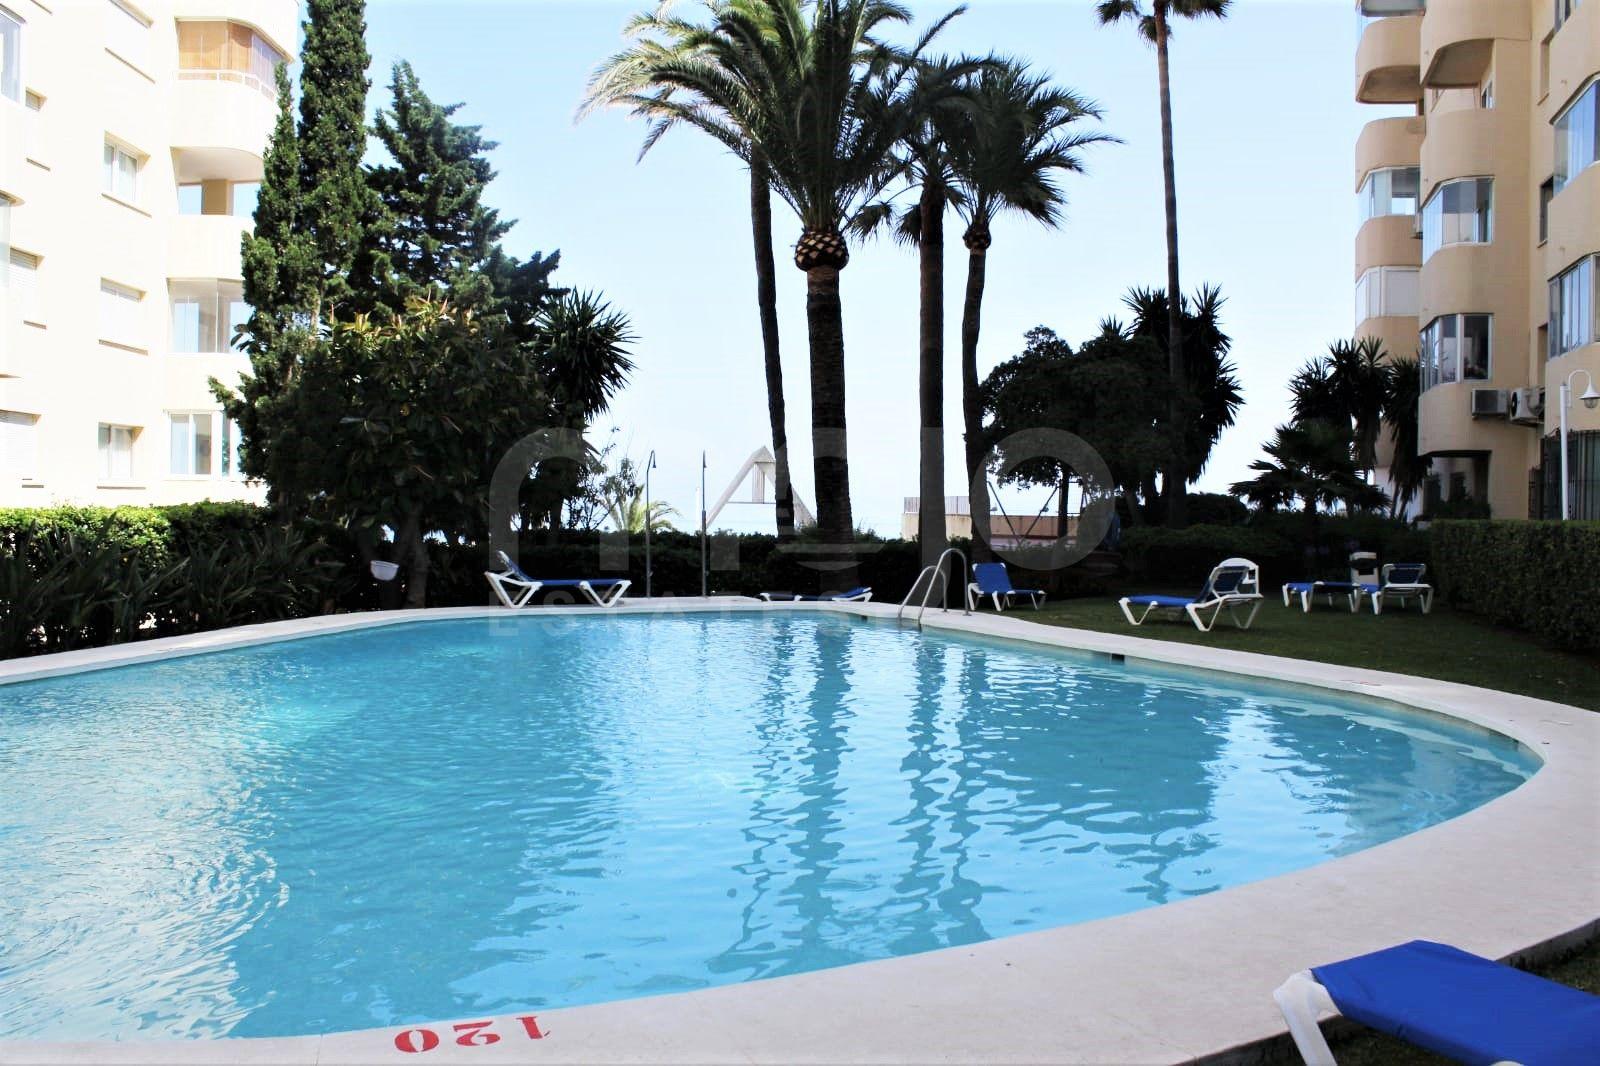 Lejlighed til salg i Estepona Puerto